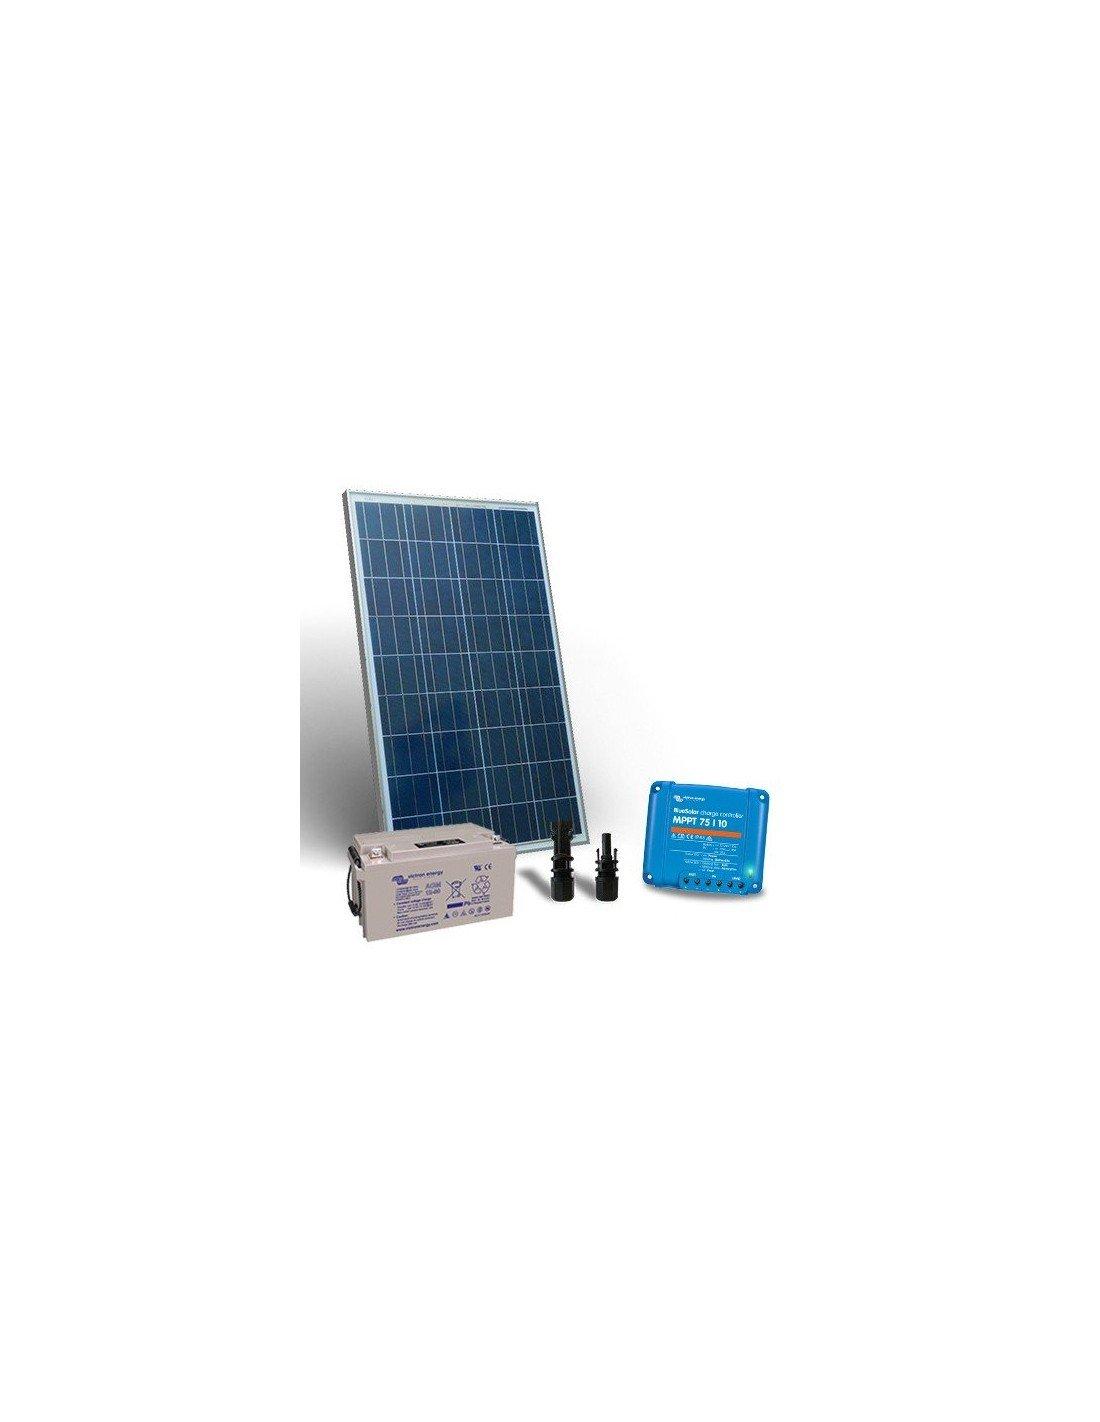 Kit Pannello Solare 12v 10a : Kit solare w v pro pannello fotovoltaico regolatore